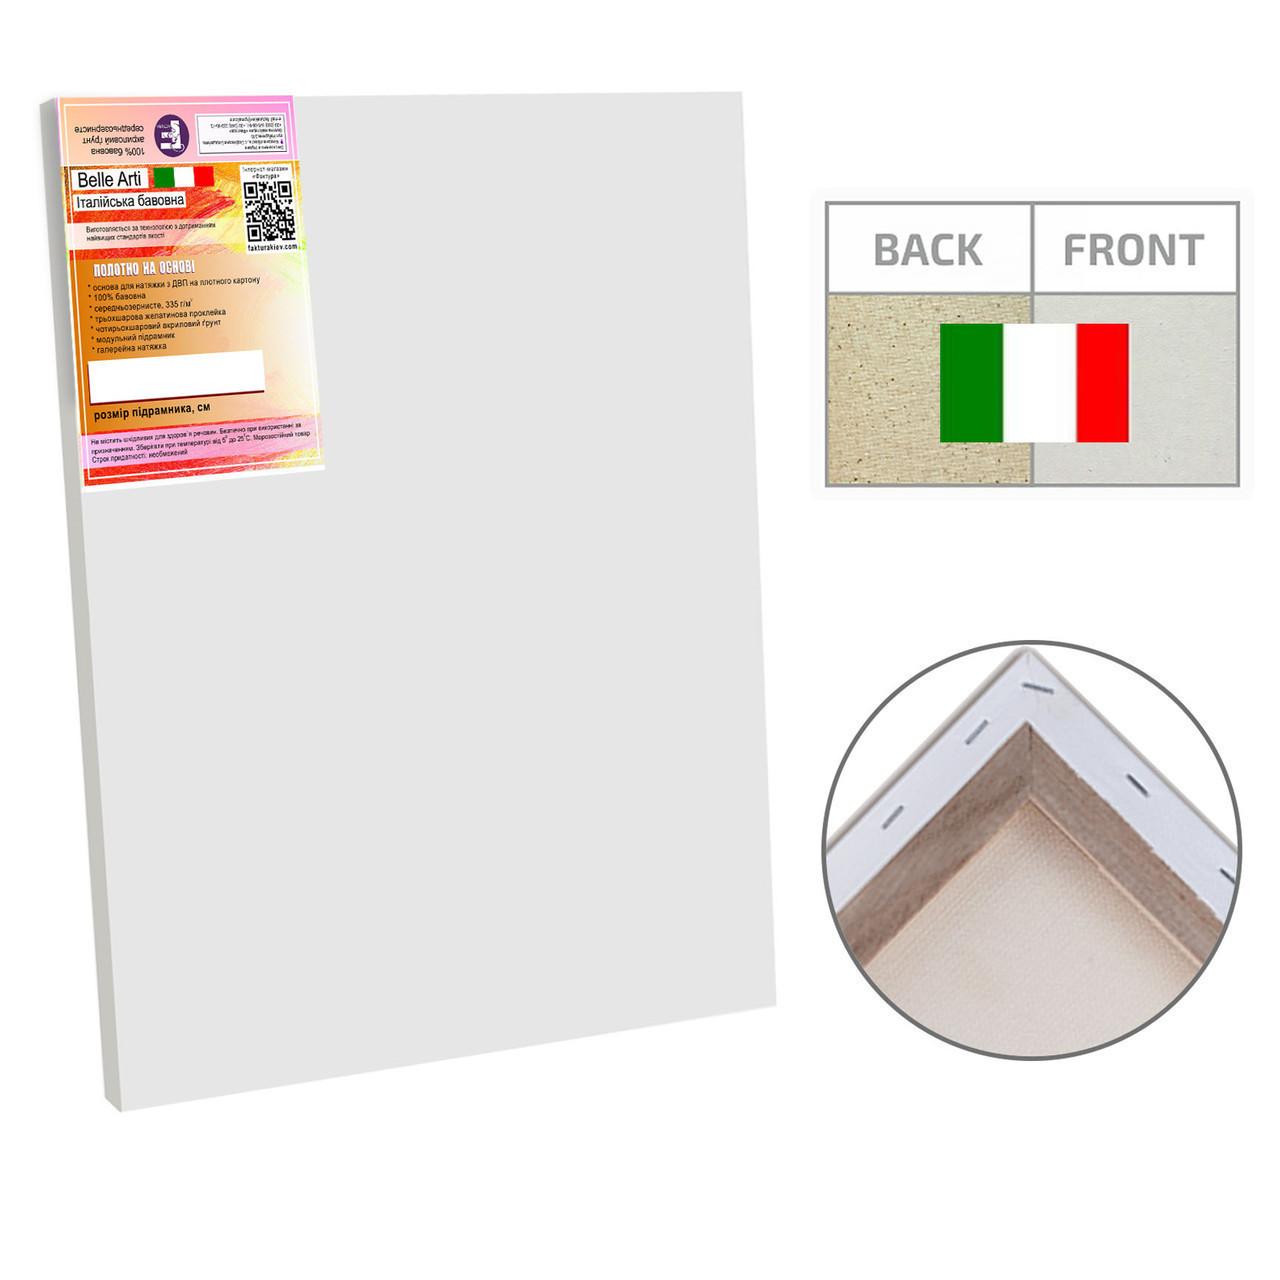 Холст на подрамнике Factura BelleArti 20х50 см Итальянский хлопок 285 грамм кв.м. среднее зерно белый, фото 1